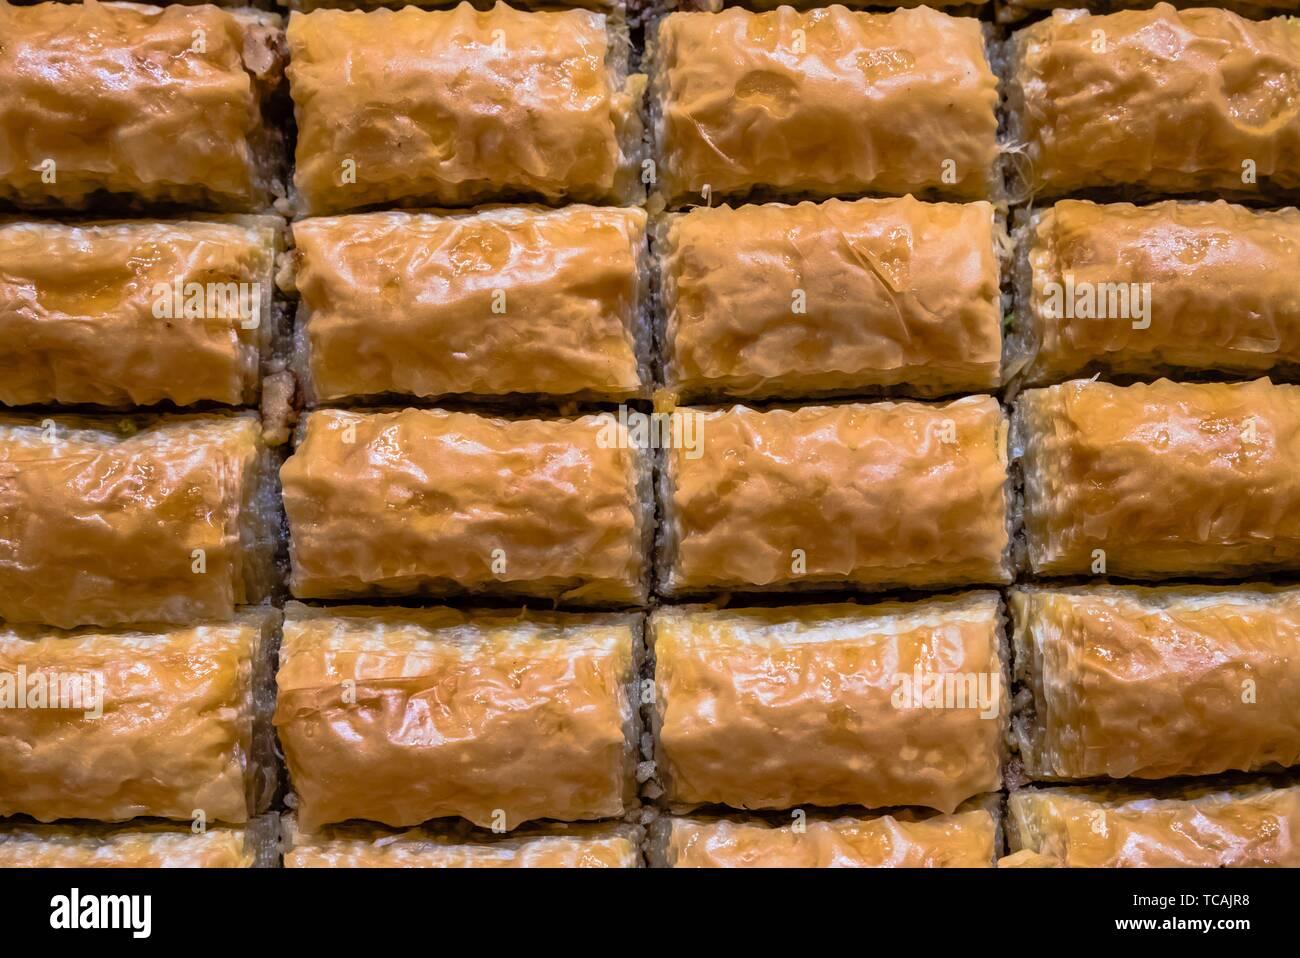 Seitenanfang Schließen detaillierte Ansicht der traditionellen köstliche türkische Süßspeise Baklava genannt. Stockbild